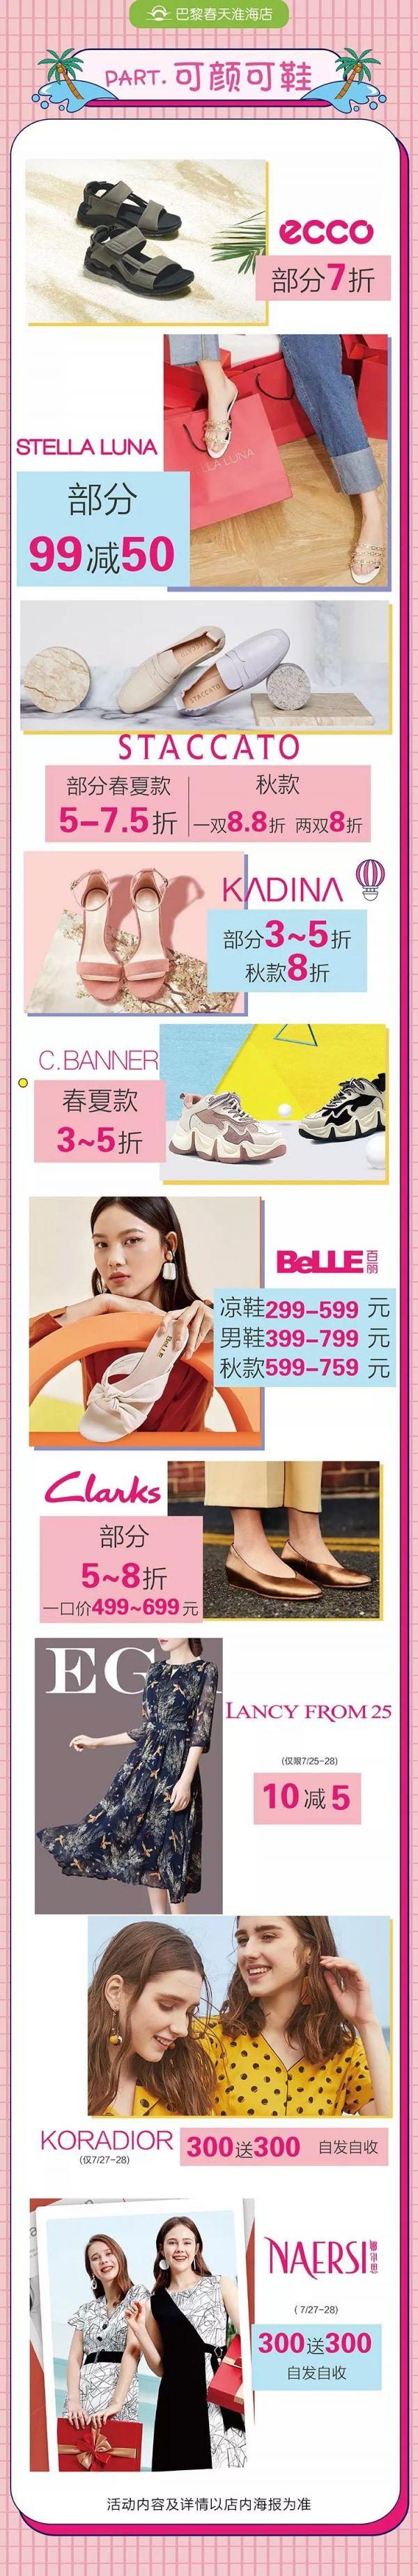 上海巴黎春天淮海店夏季狂欢 精选品牌低至3折起